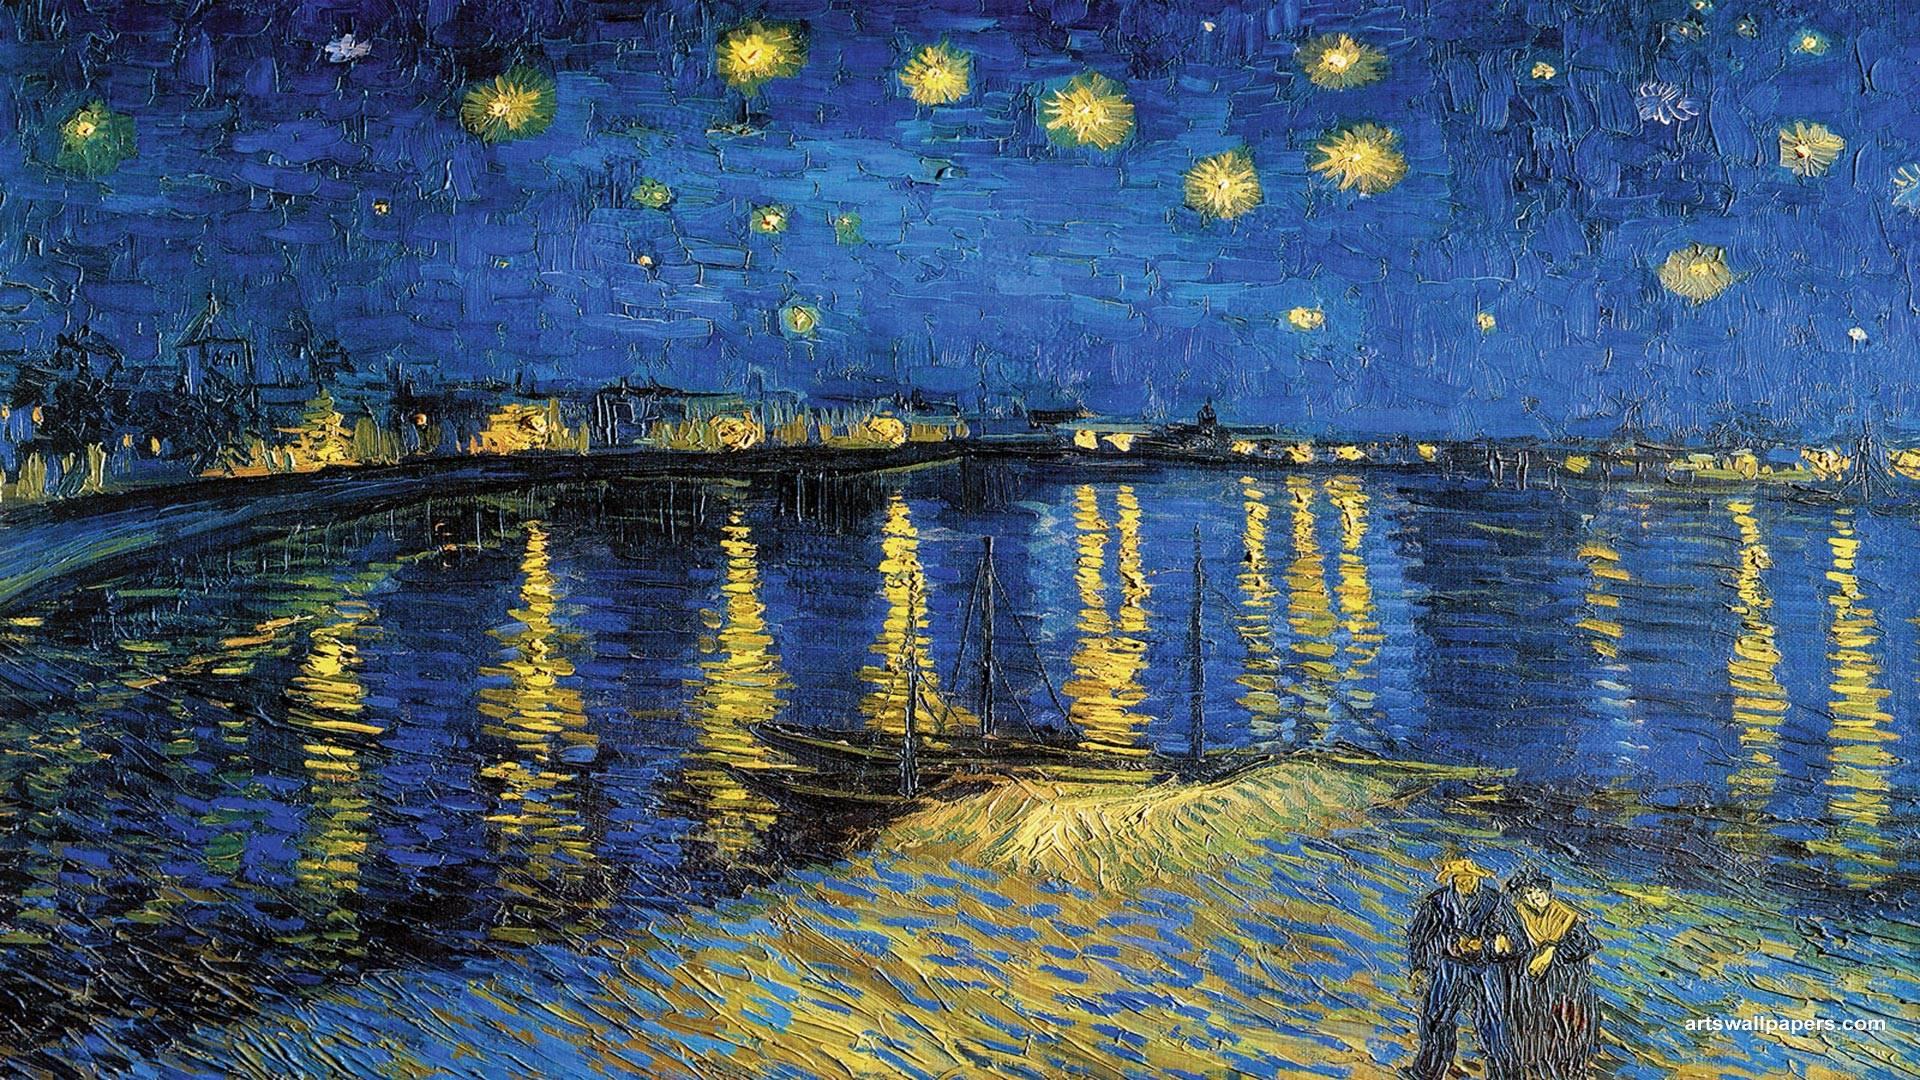 Starry Night Wallpapers - Wallpaper Cave |Van Gogh Wallpaper Starry Night